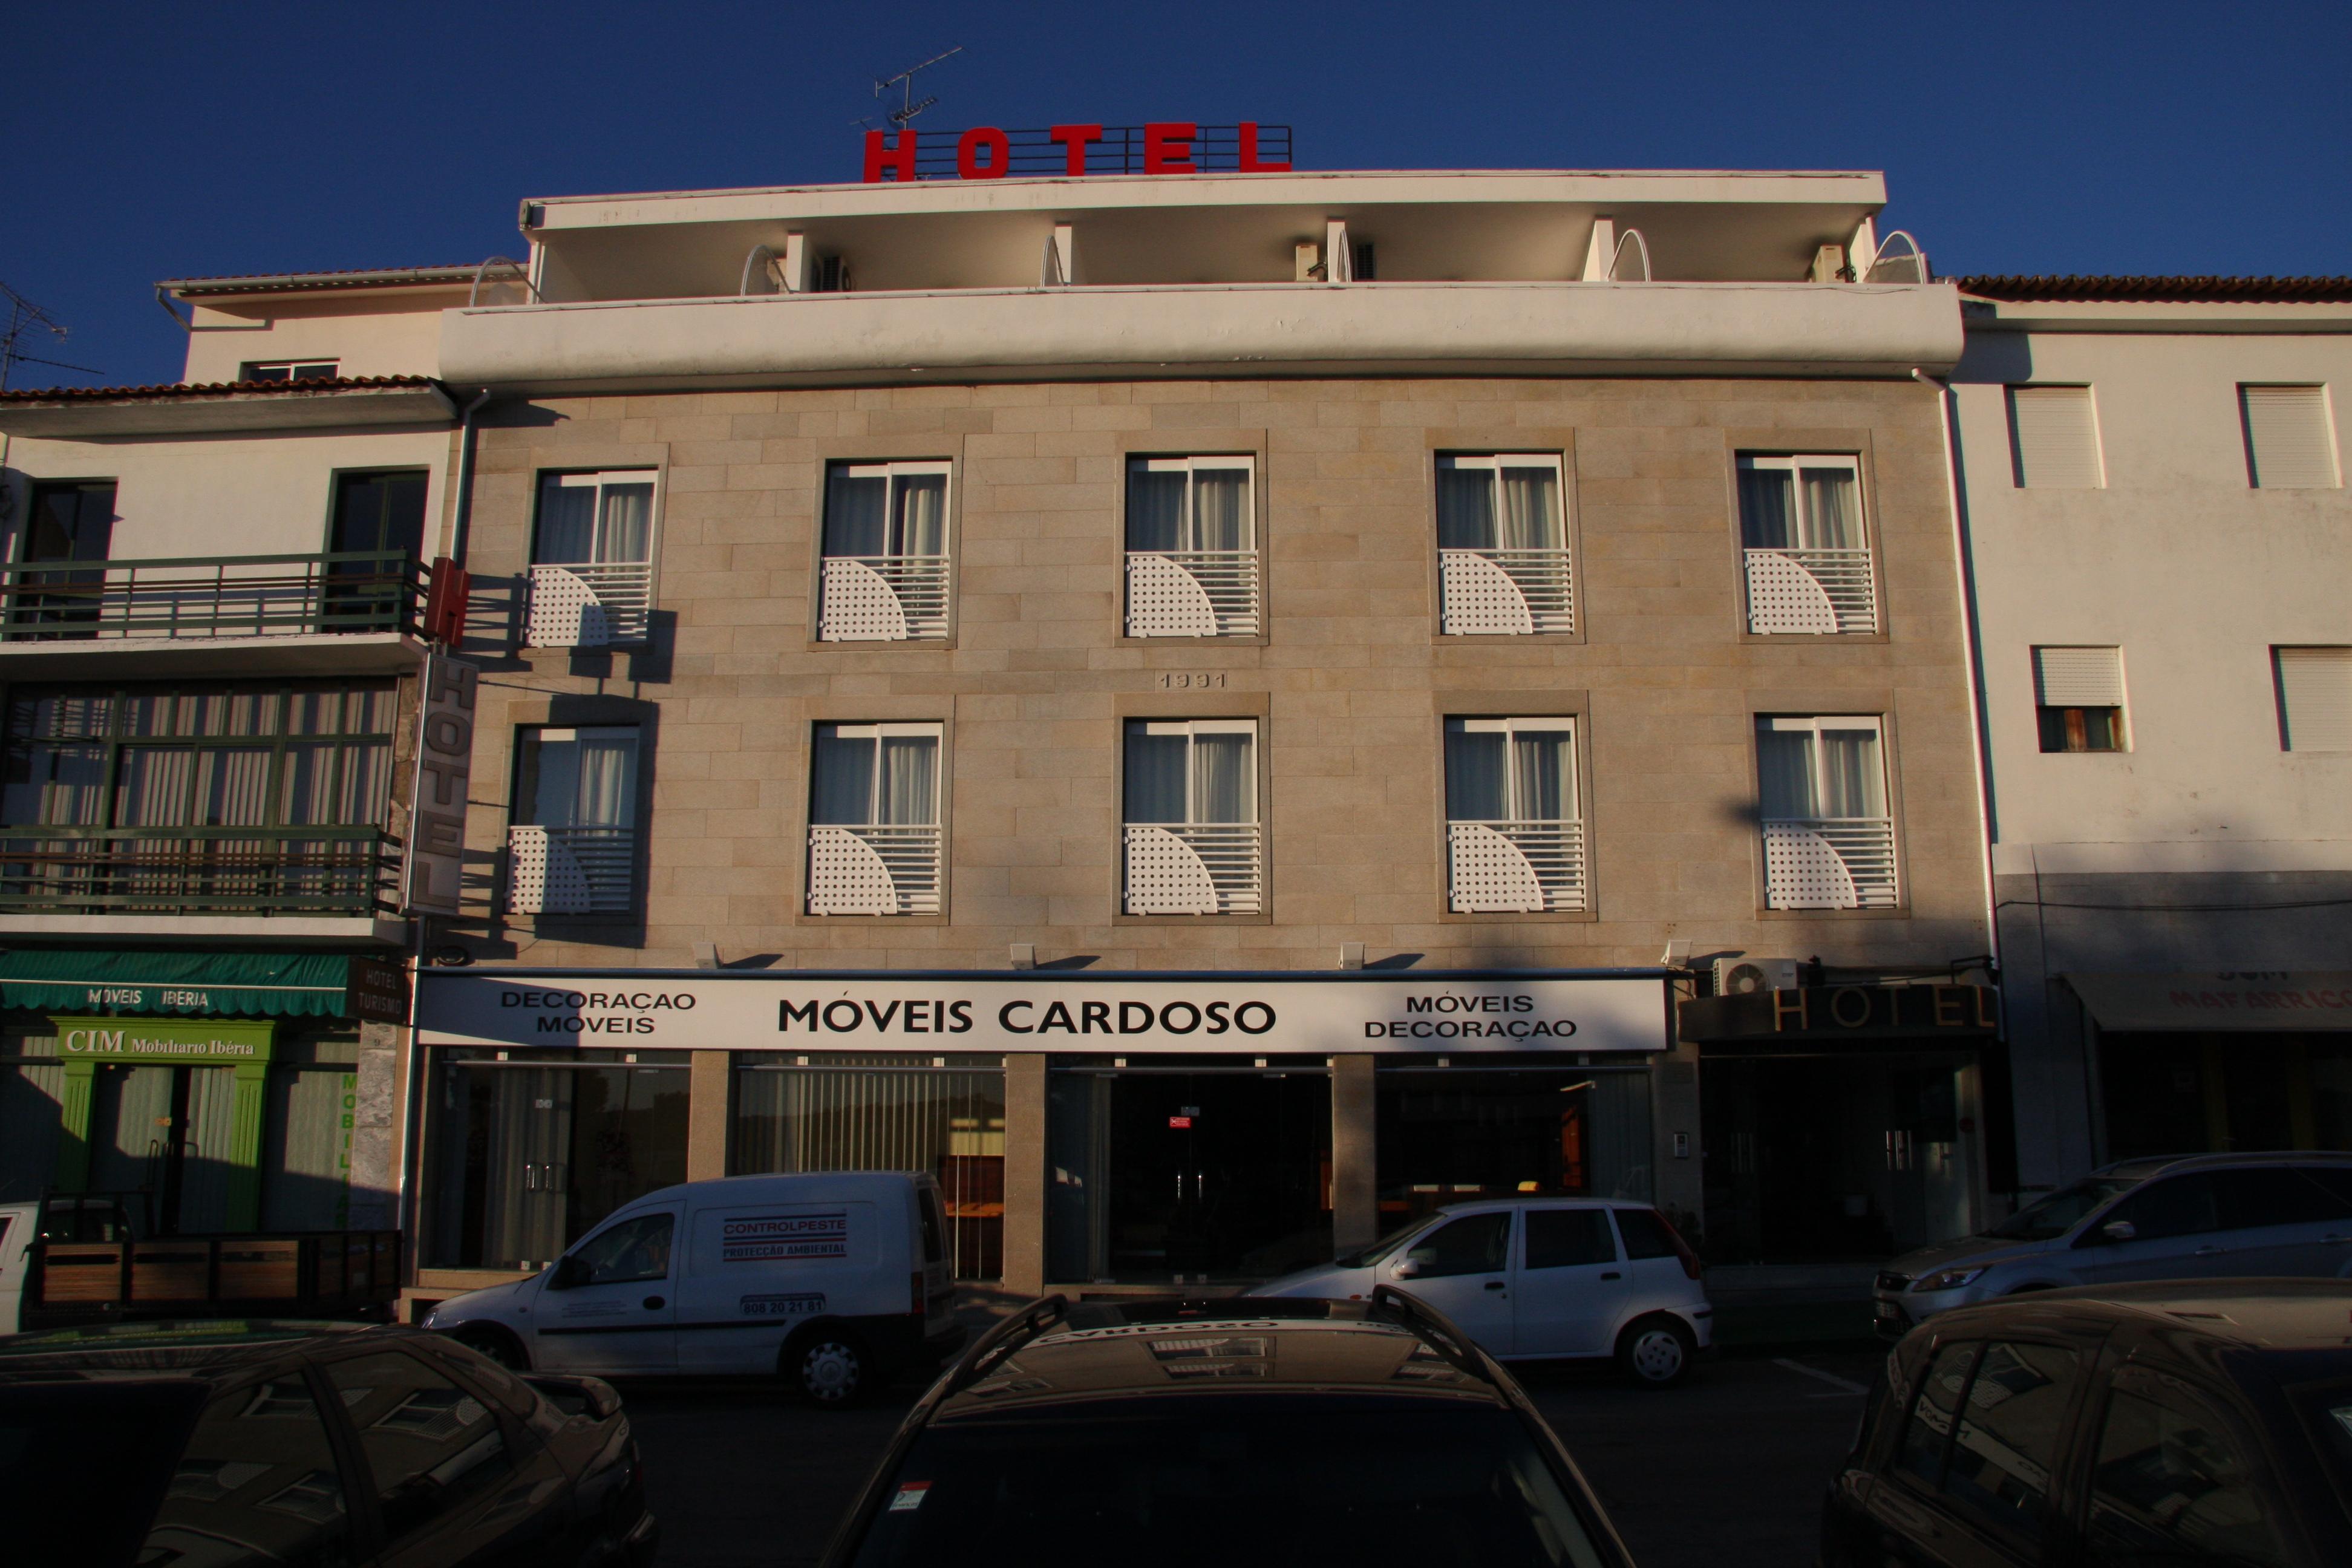 Miranda do douro tiendas excellent restaurante jordo for Muebles miranda do douro